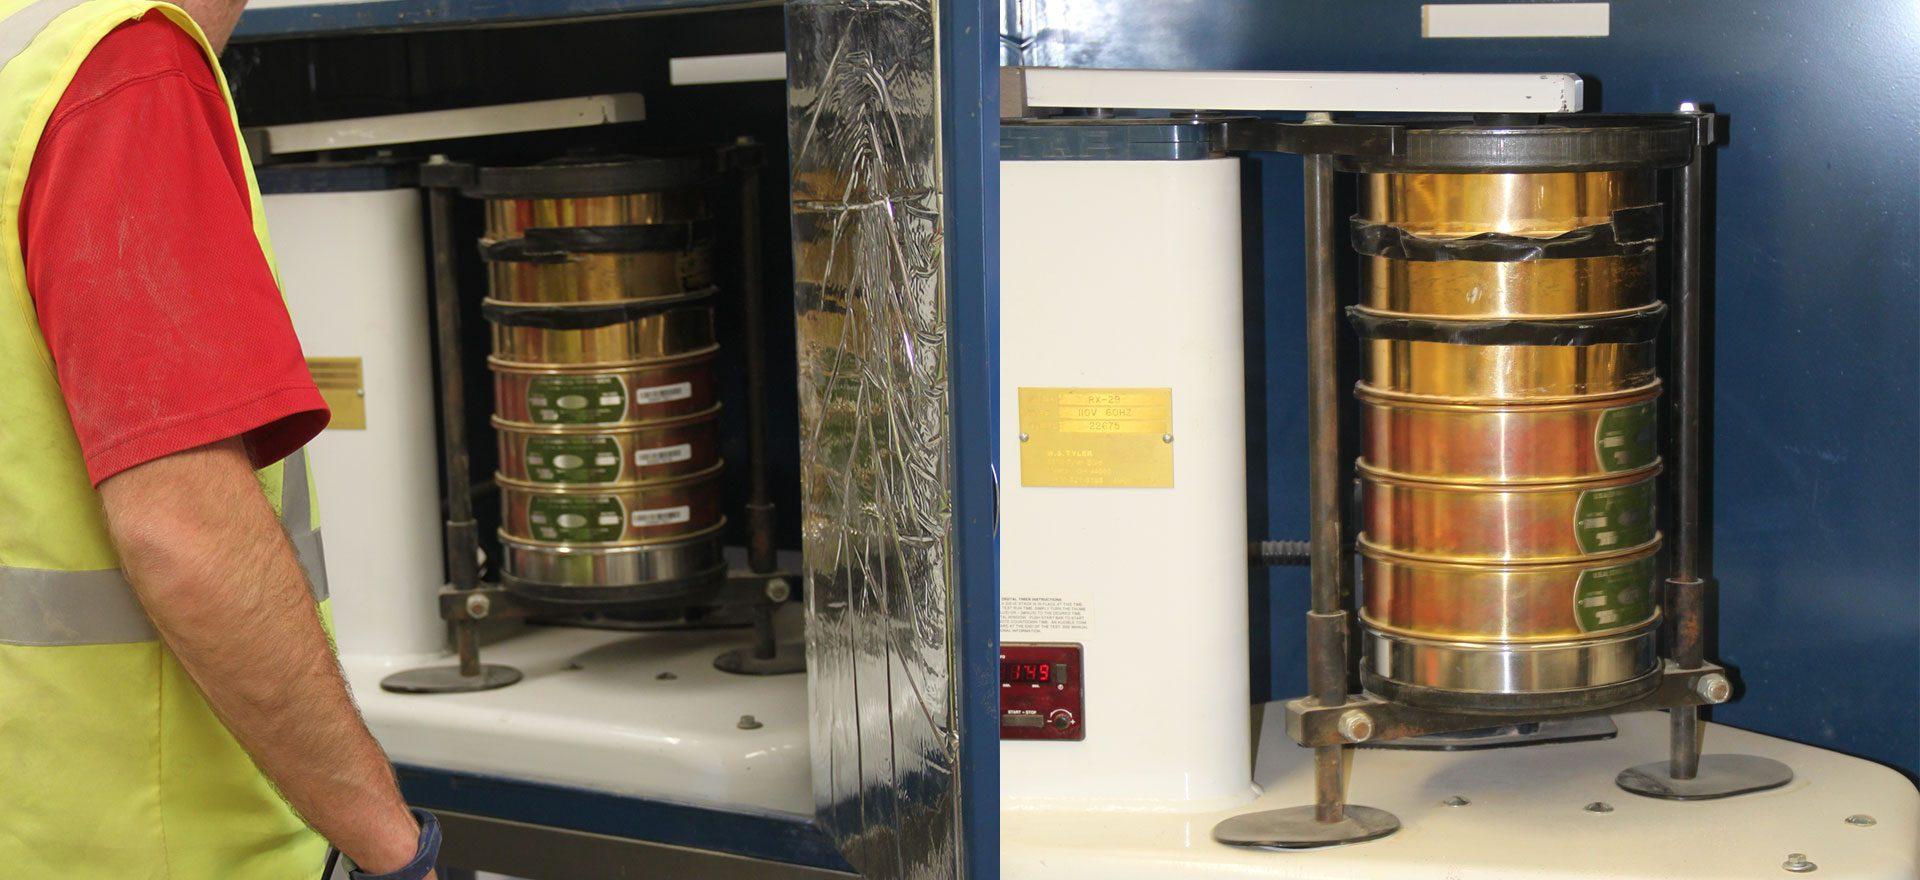 Sieve testing apparatus